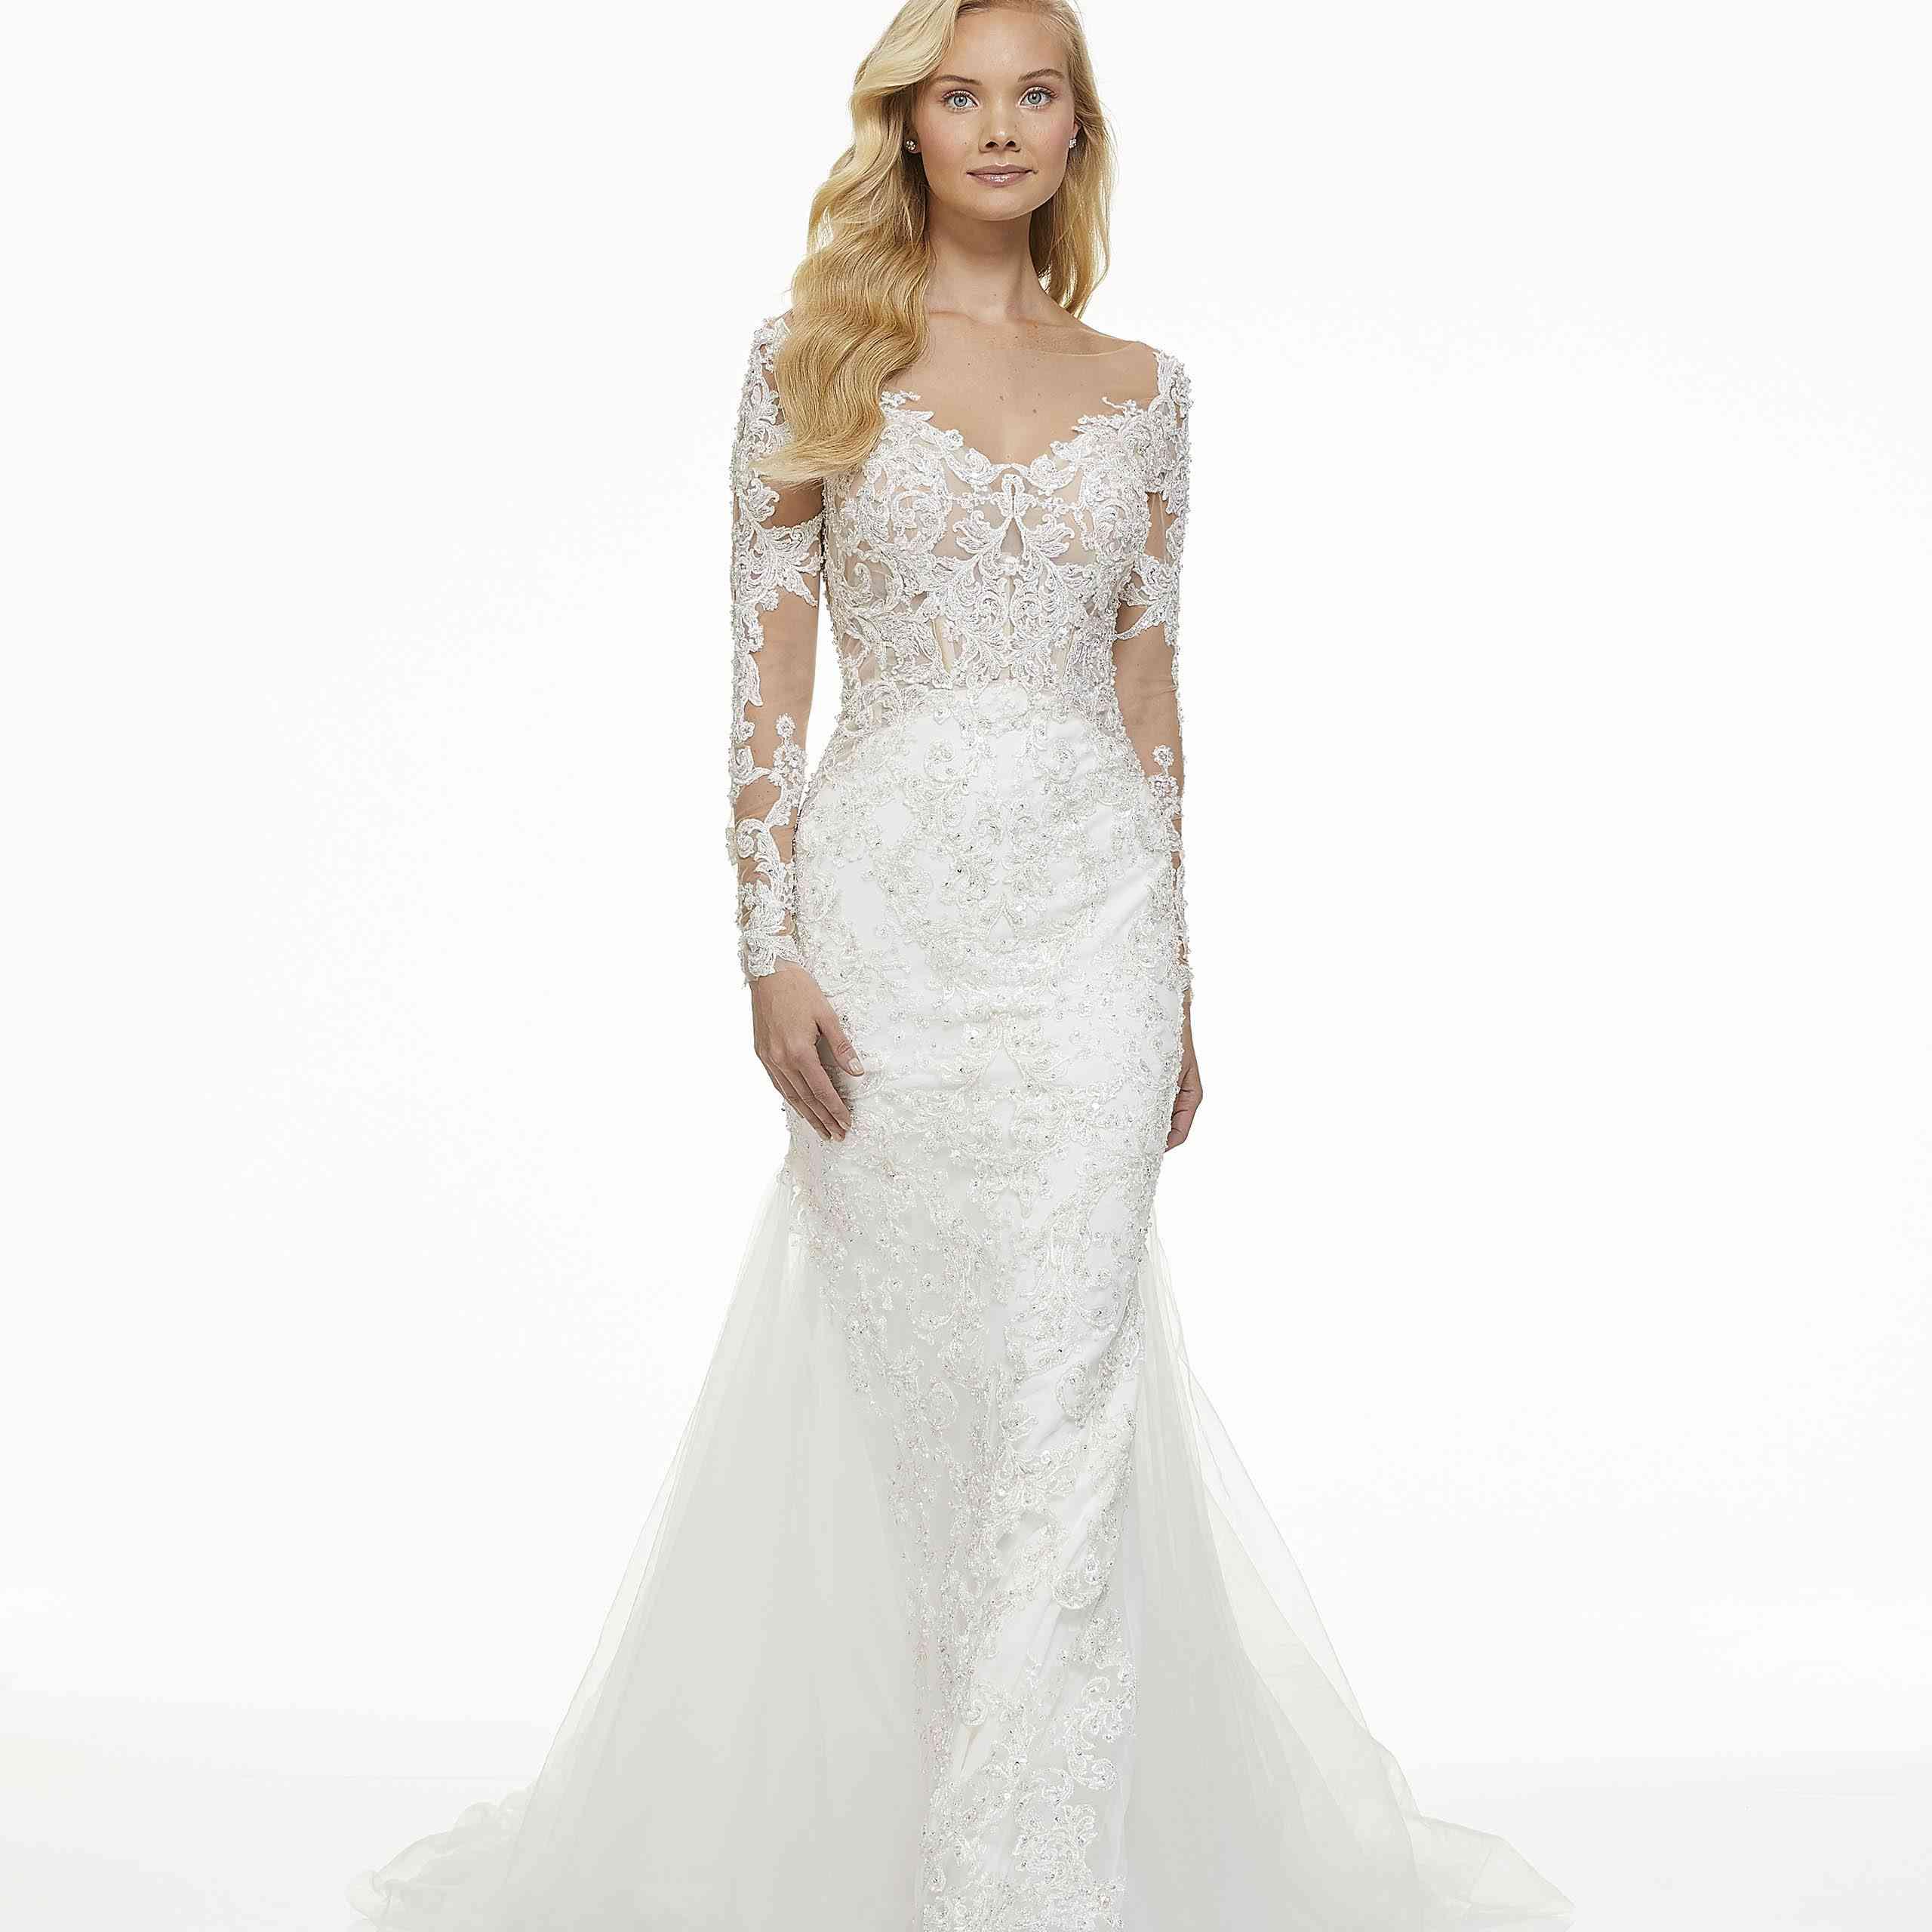 Model in long sleeve lace wedding dress